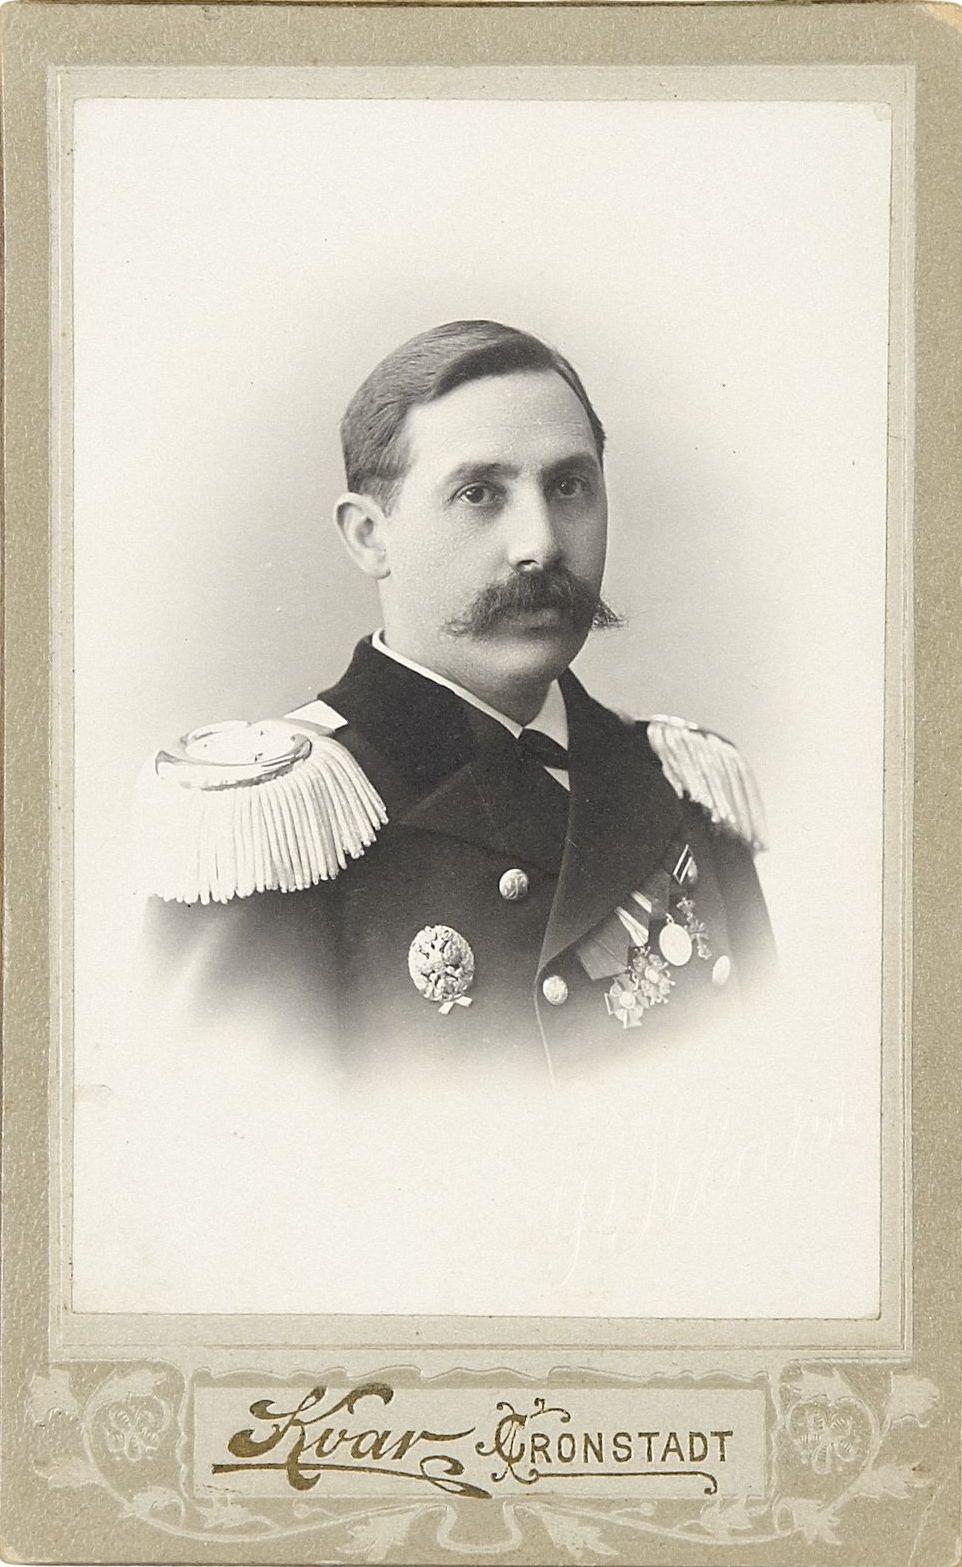 Фото подполковника Корпуса инженеров-механиков флота Чучугина Дмитрия Егоровича.  Кронштадт, 1905-1907